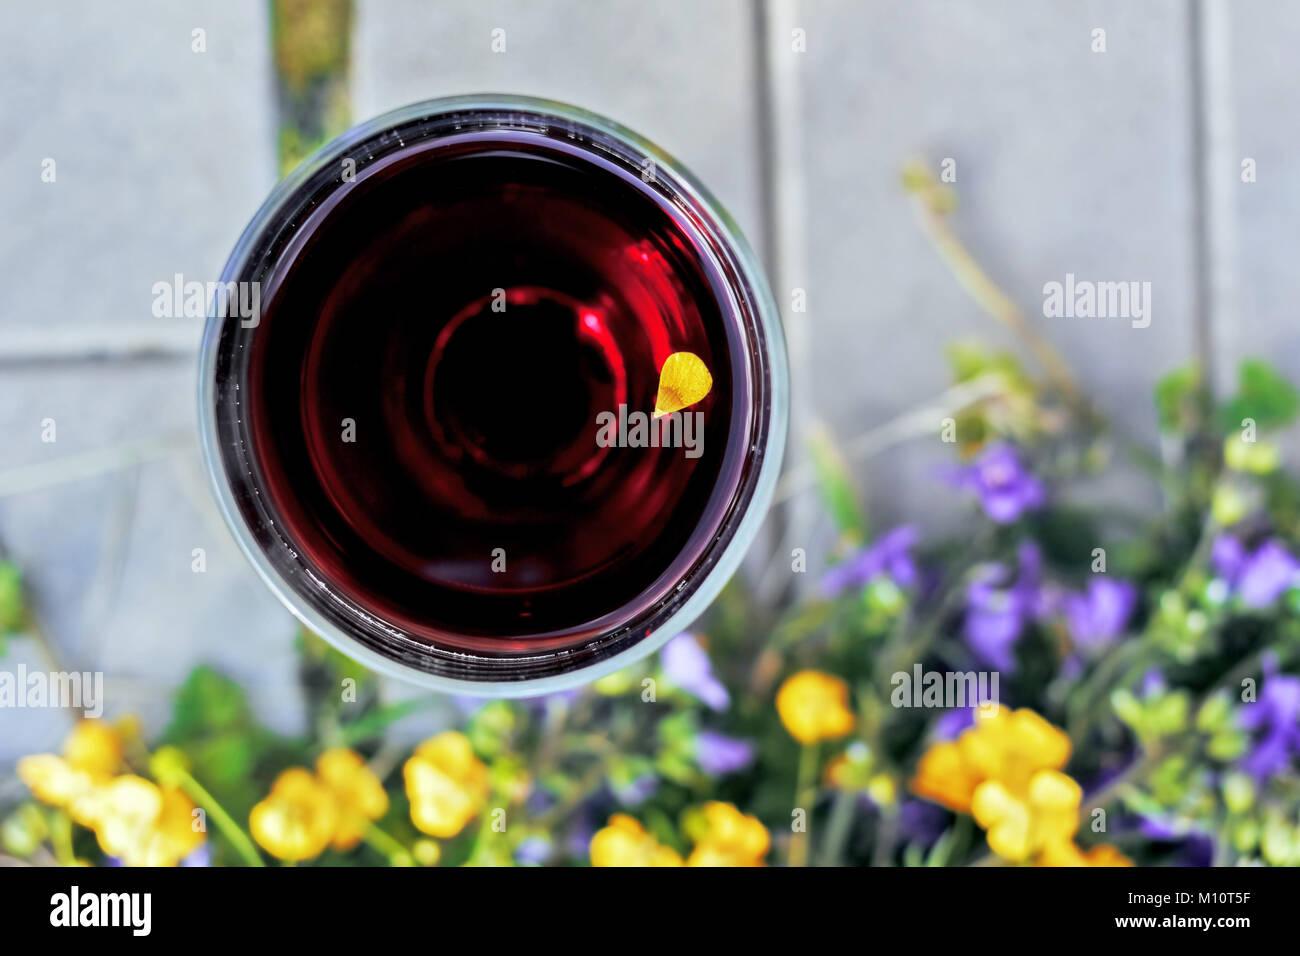 Fiori Gialli Vino.Bicchiere Di Vino Rosso Con Fiore Giallo Petalo A Sera D Estate